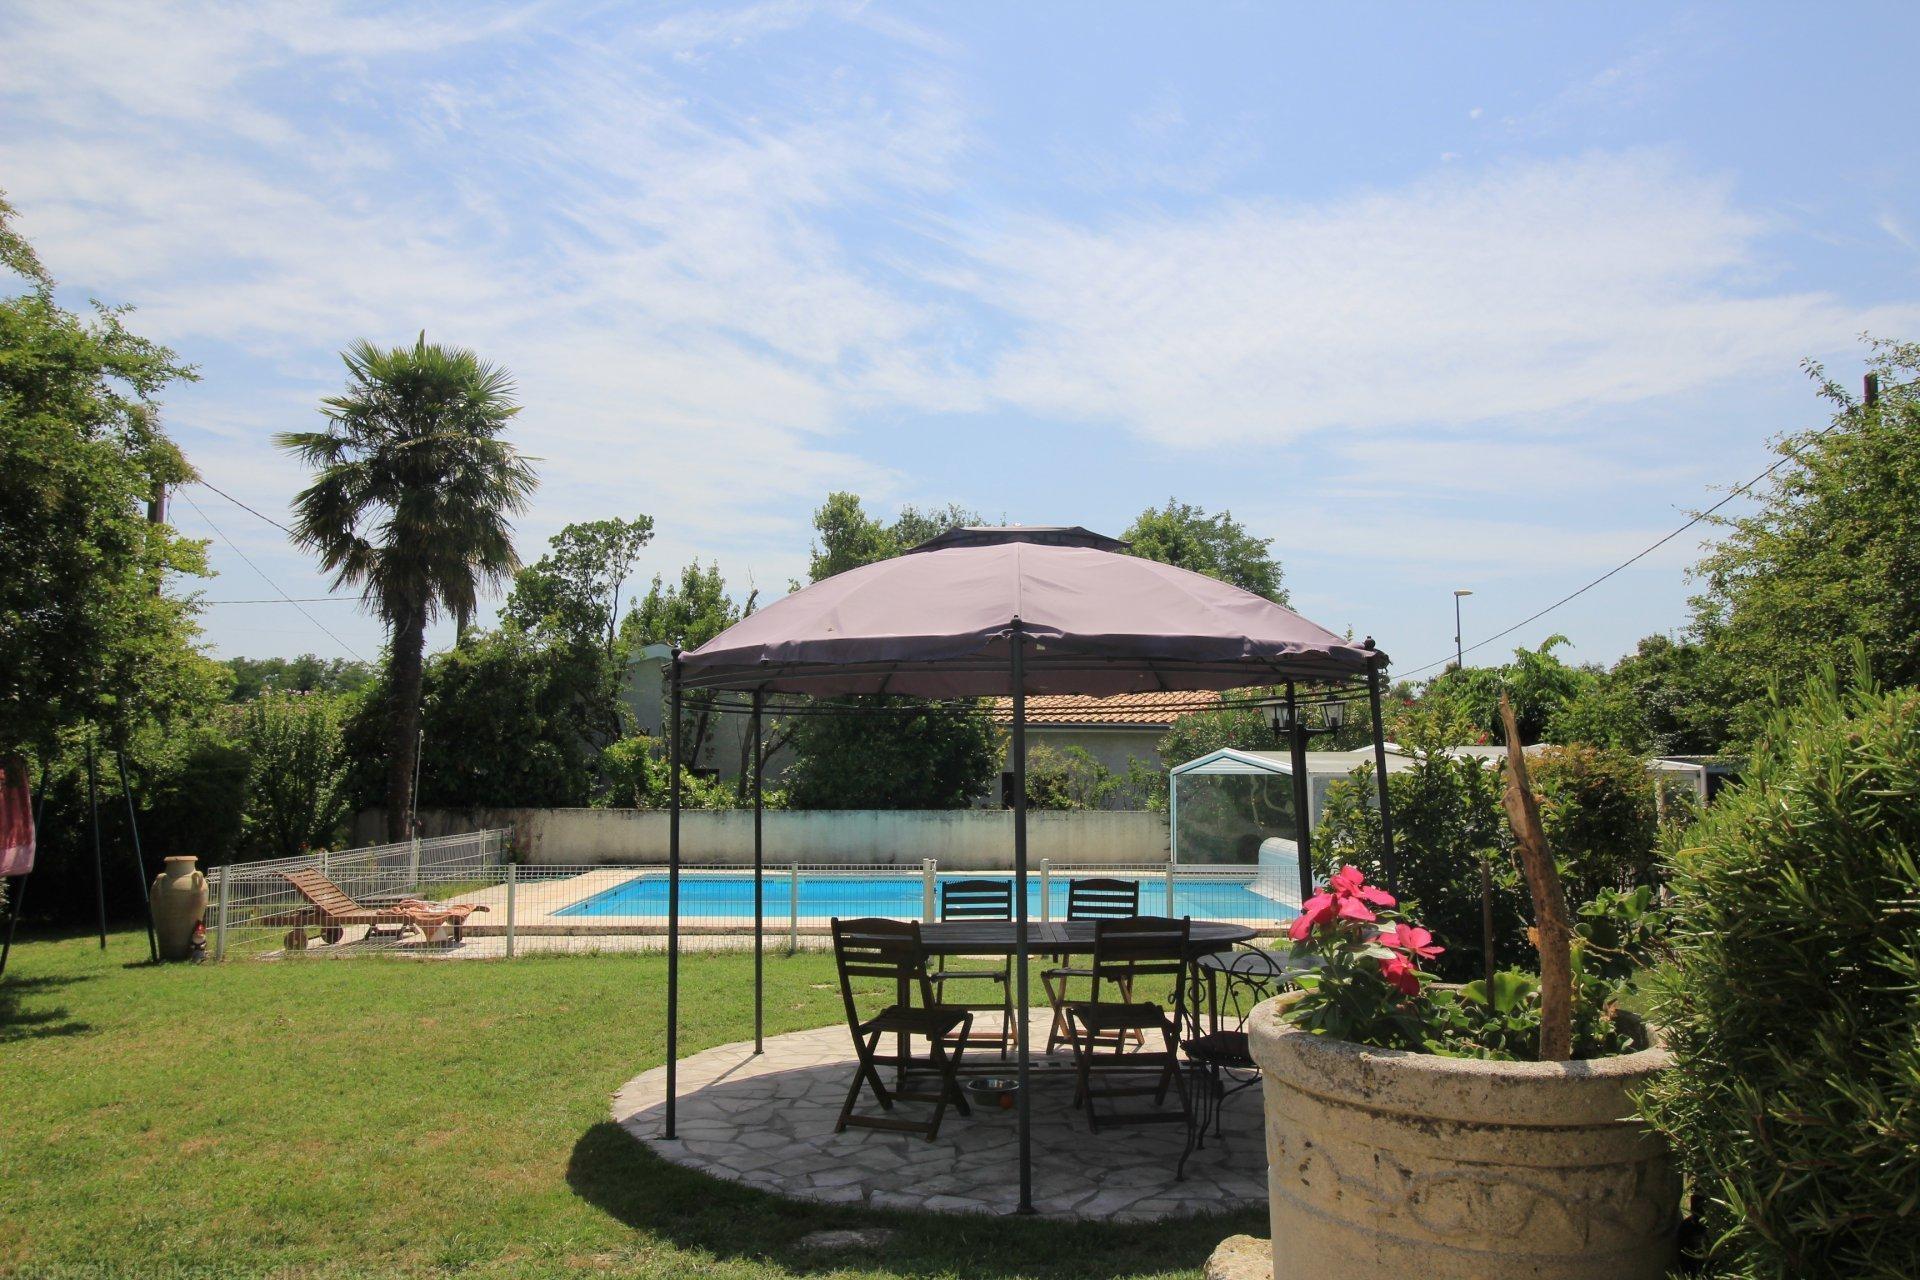 maison 6 chambres avec piscine a vendre alentours de bordeaux